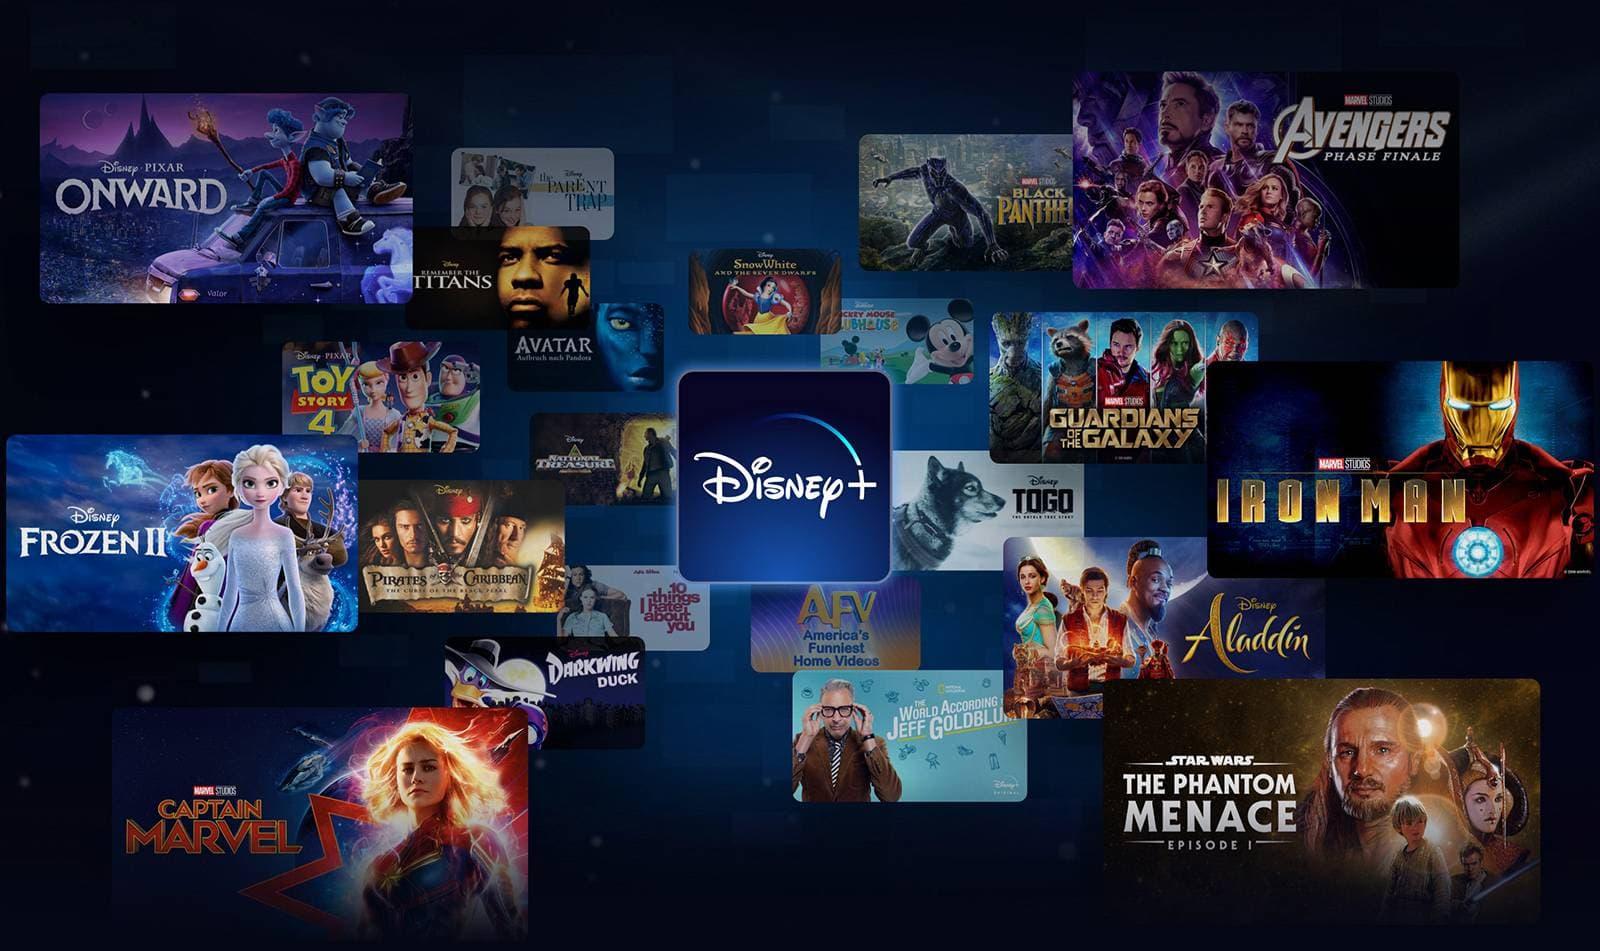 台灣迪士尼 Disney+ 釋出新職缺,預計年底在台上線